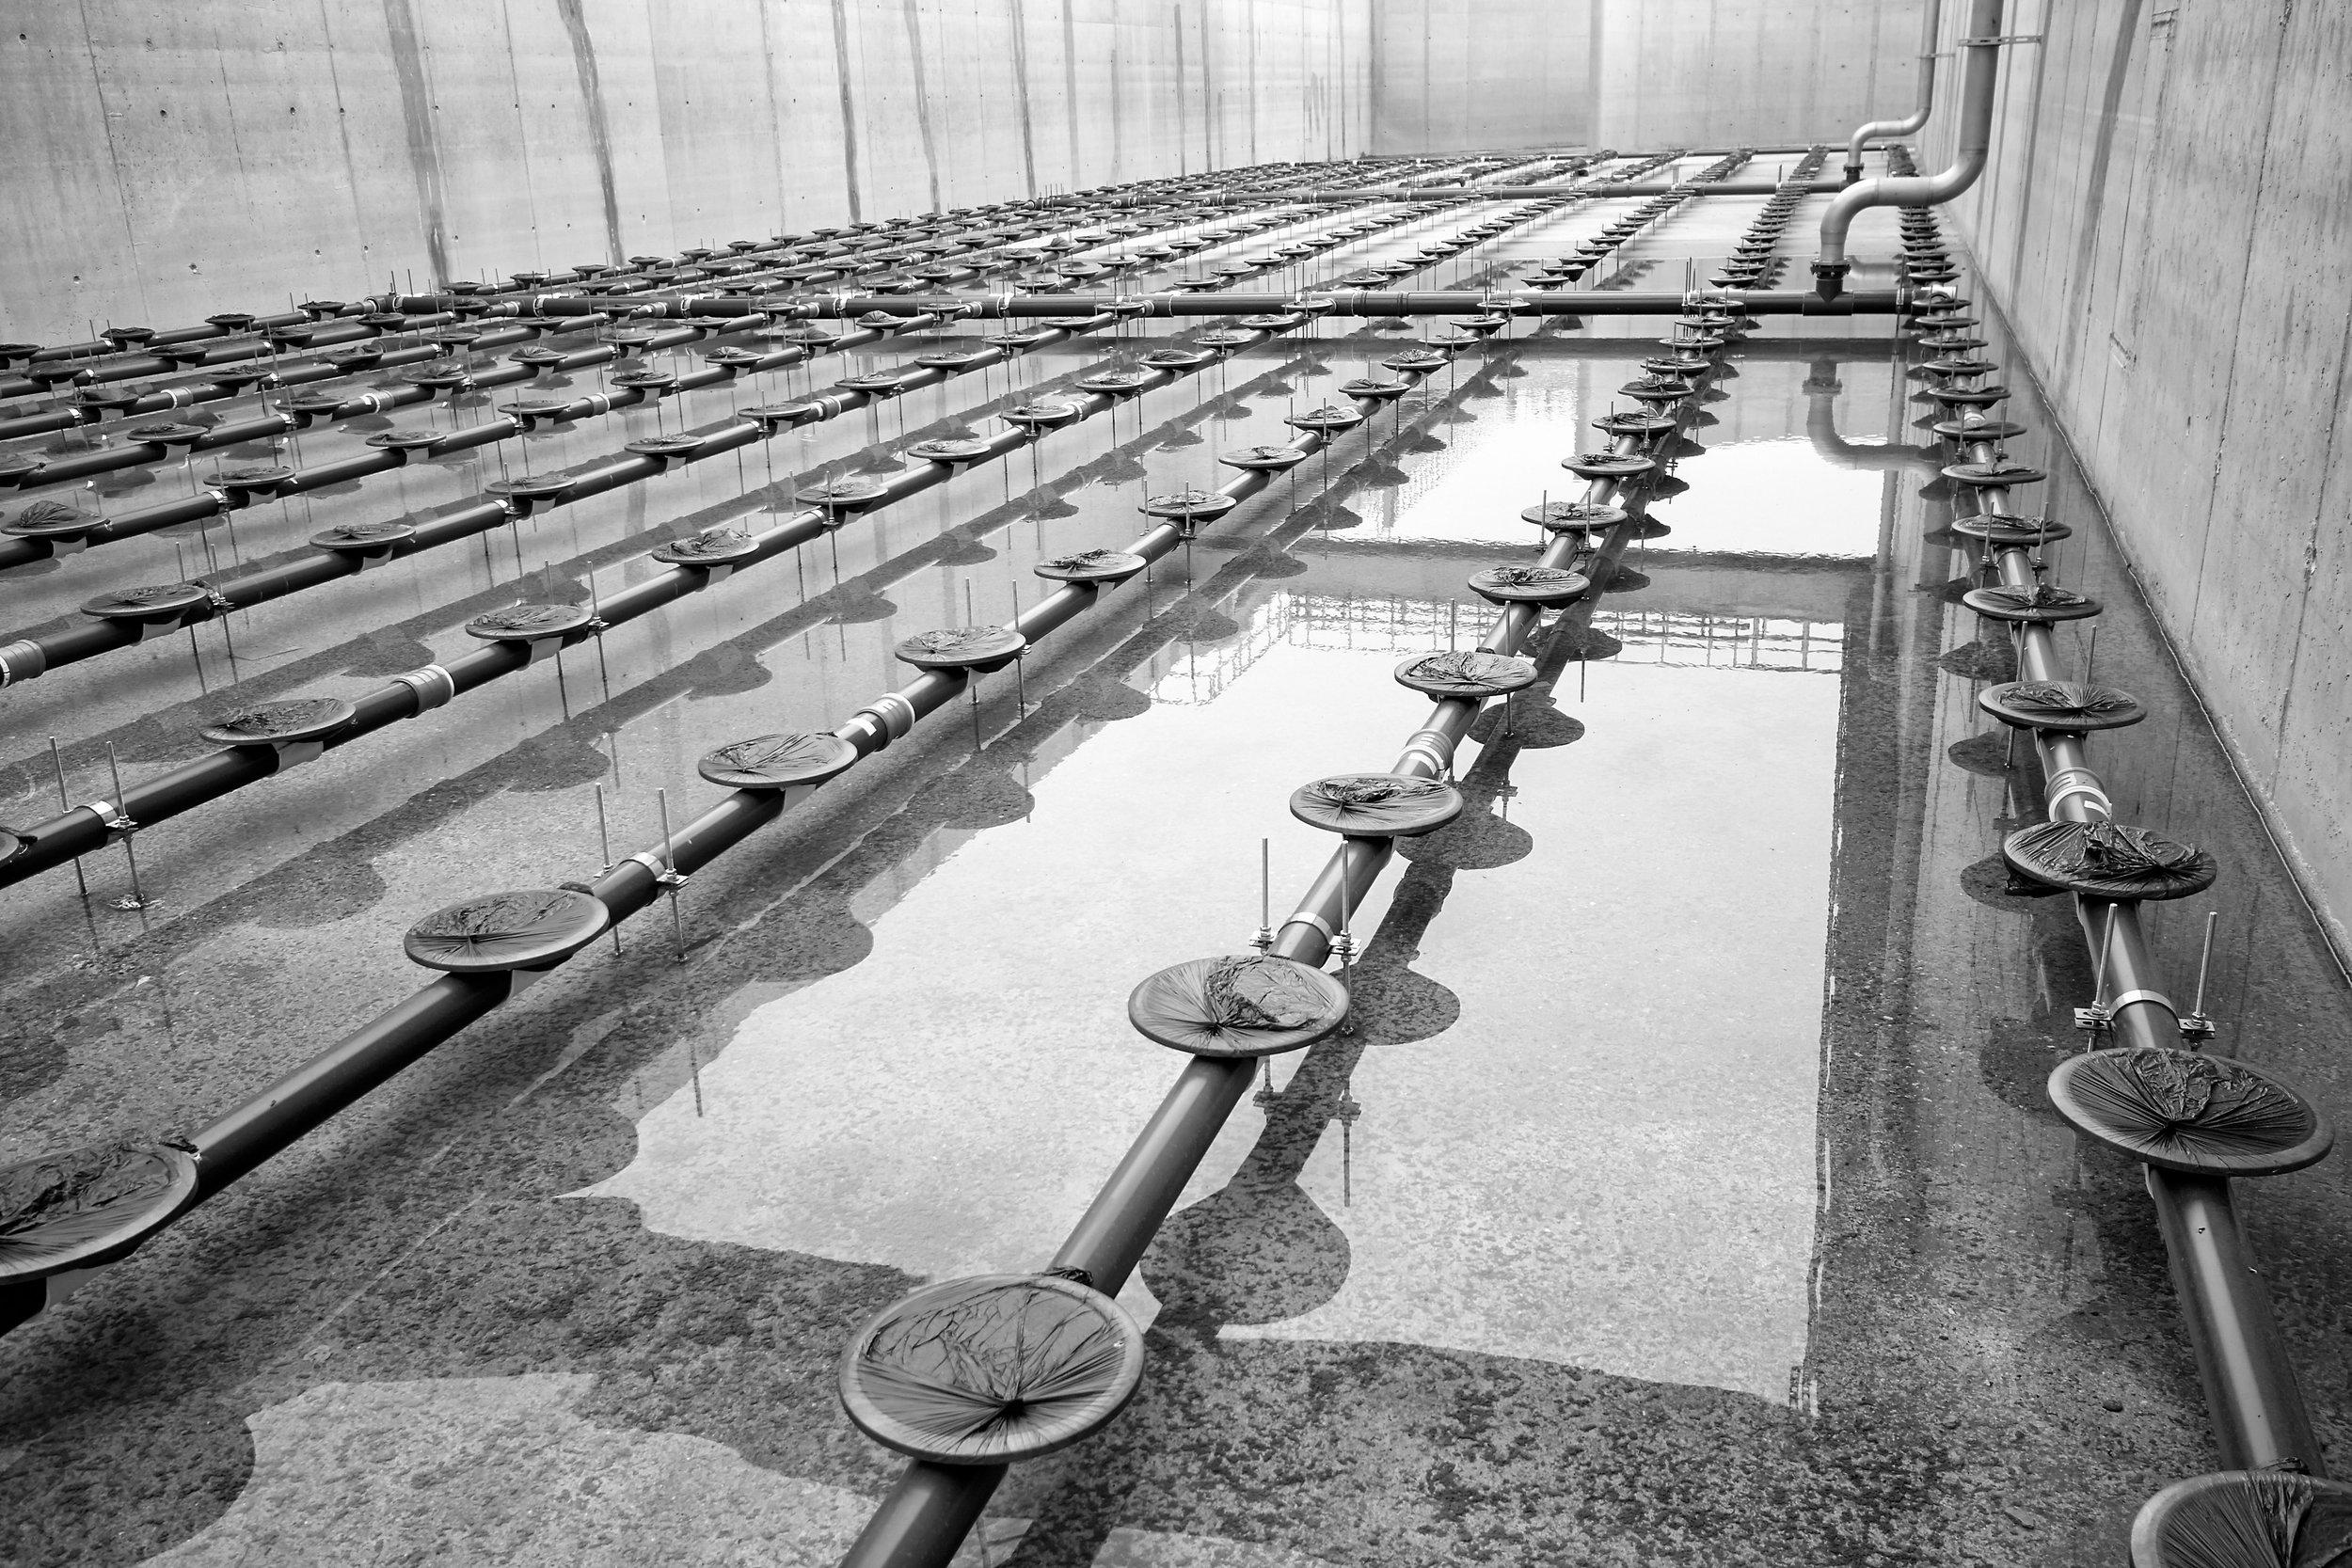 waterwater aeration